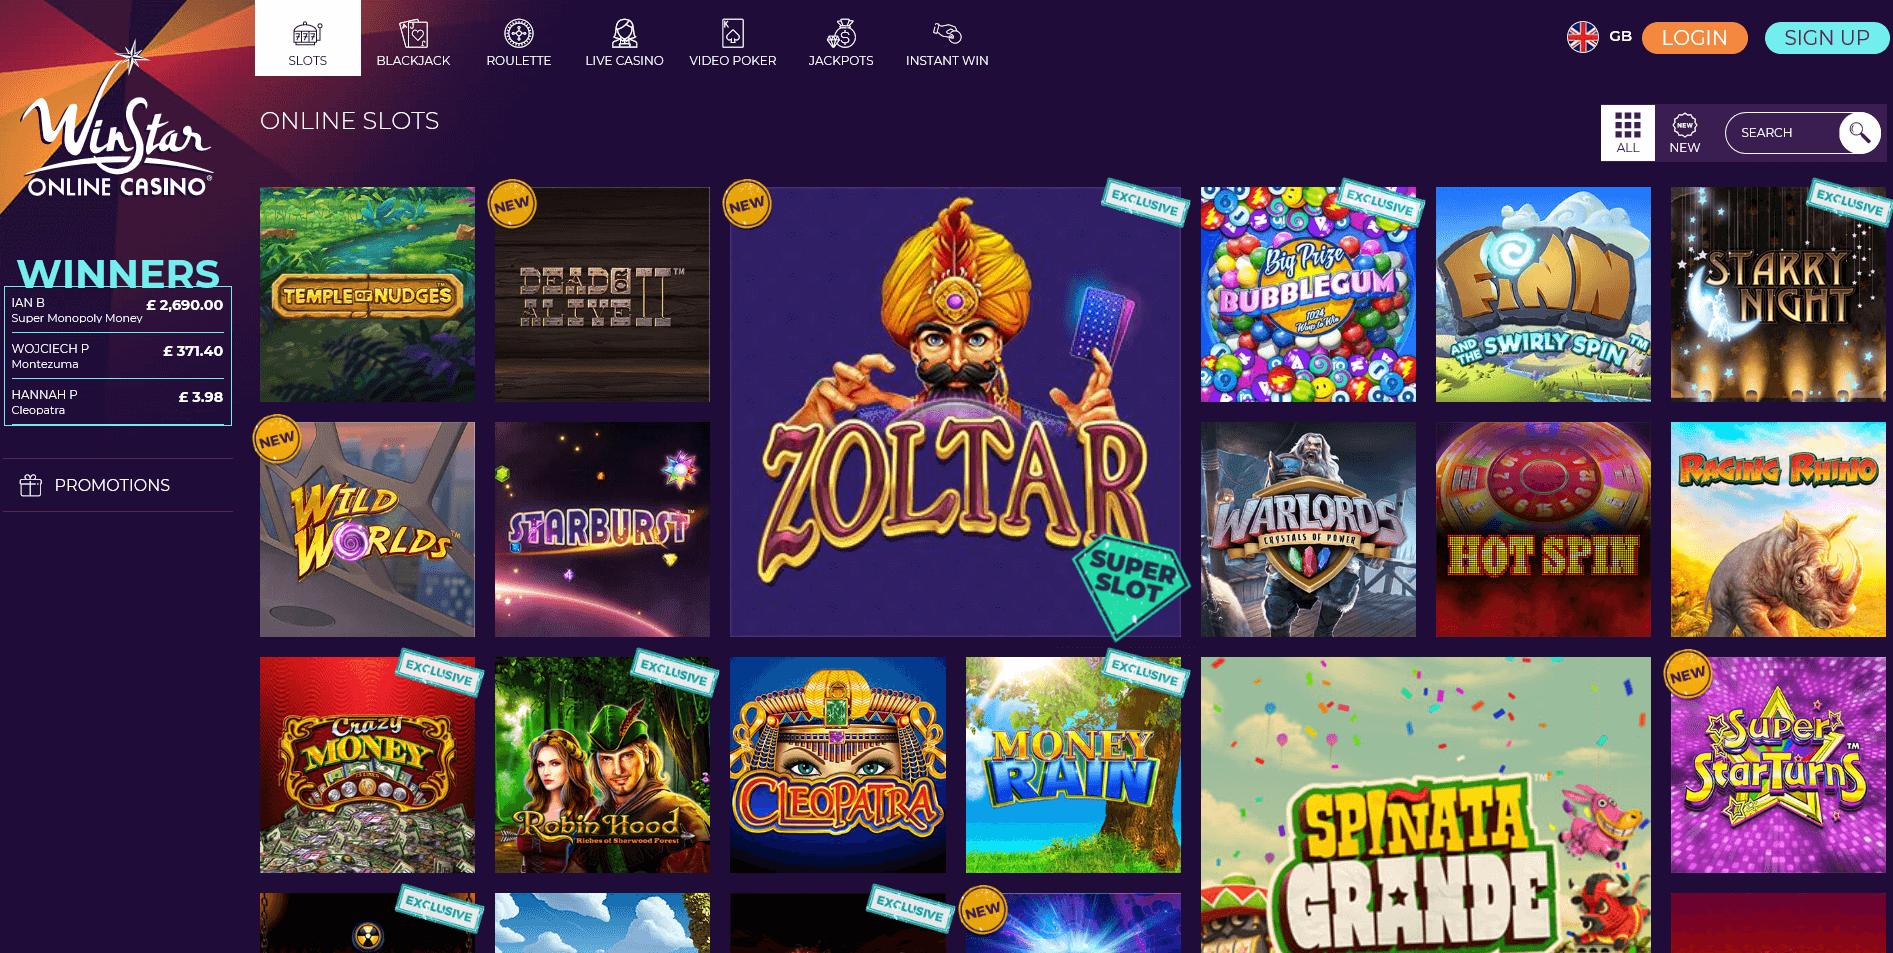 Winstar Online Slots